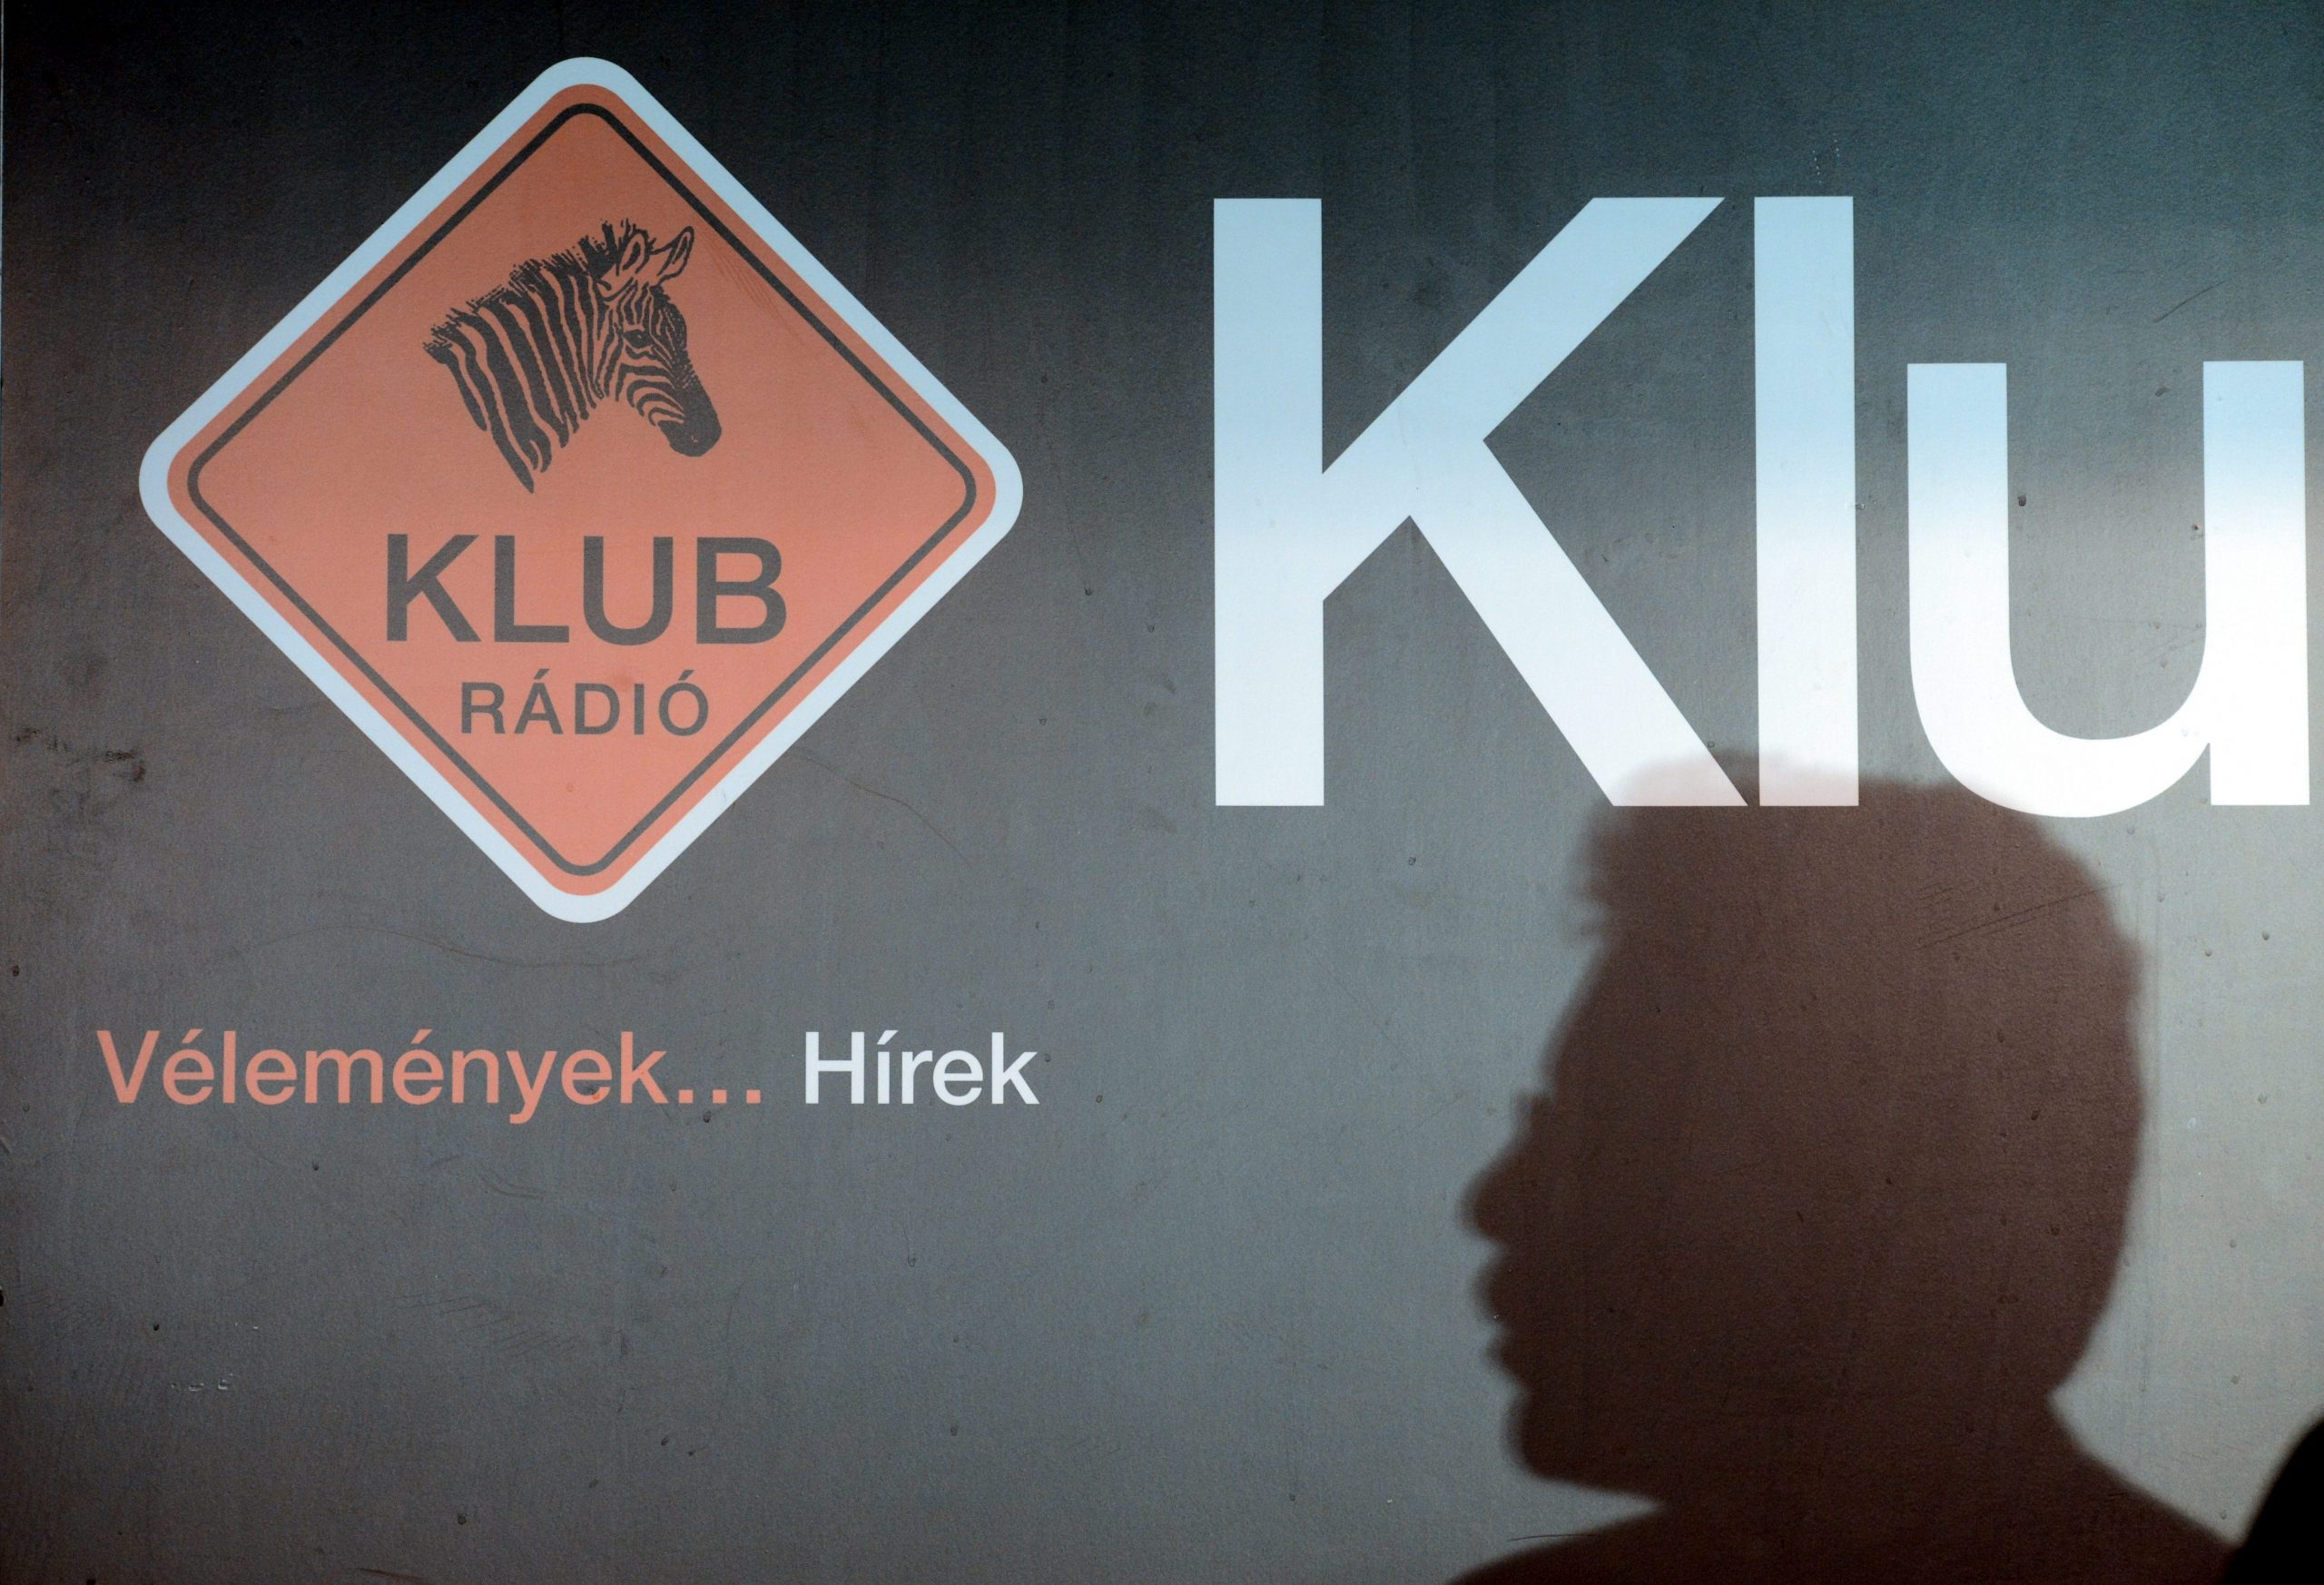 Budapost: Klubrádió nach wie vor im Fokus